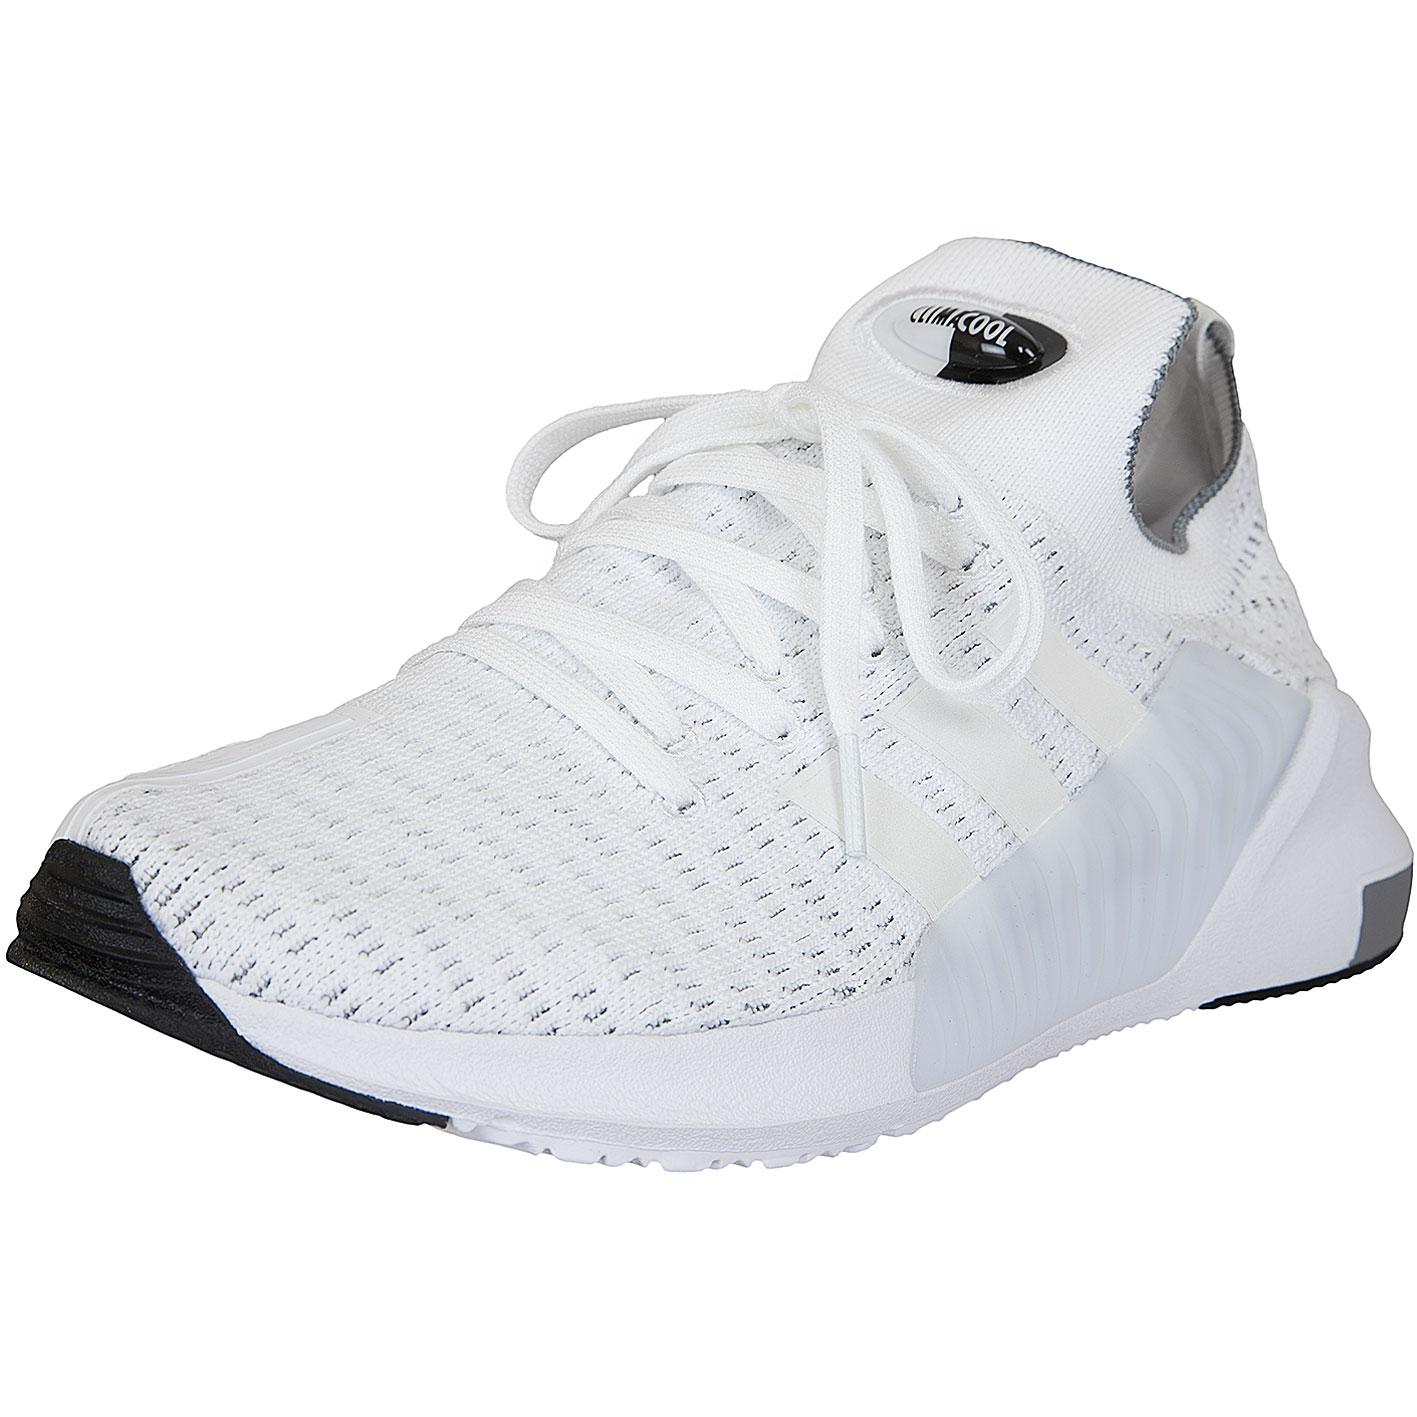 heißer verkauf Adidas Climacool Schuhe Herren zu verkaufen